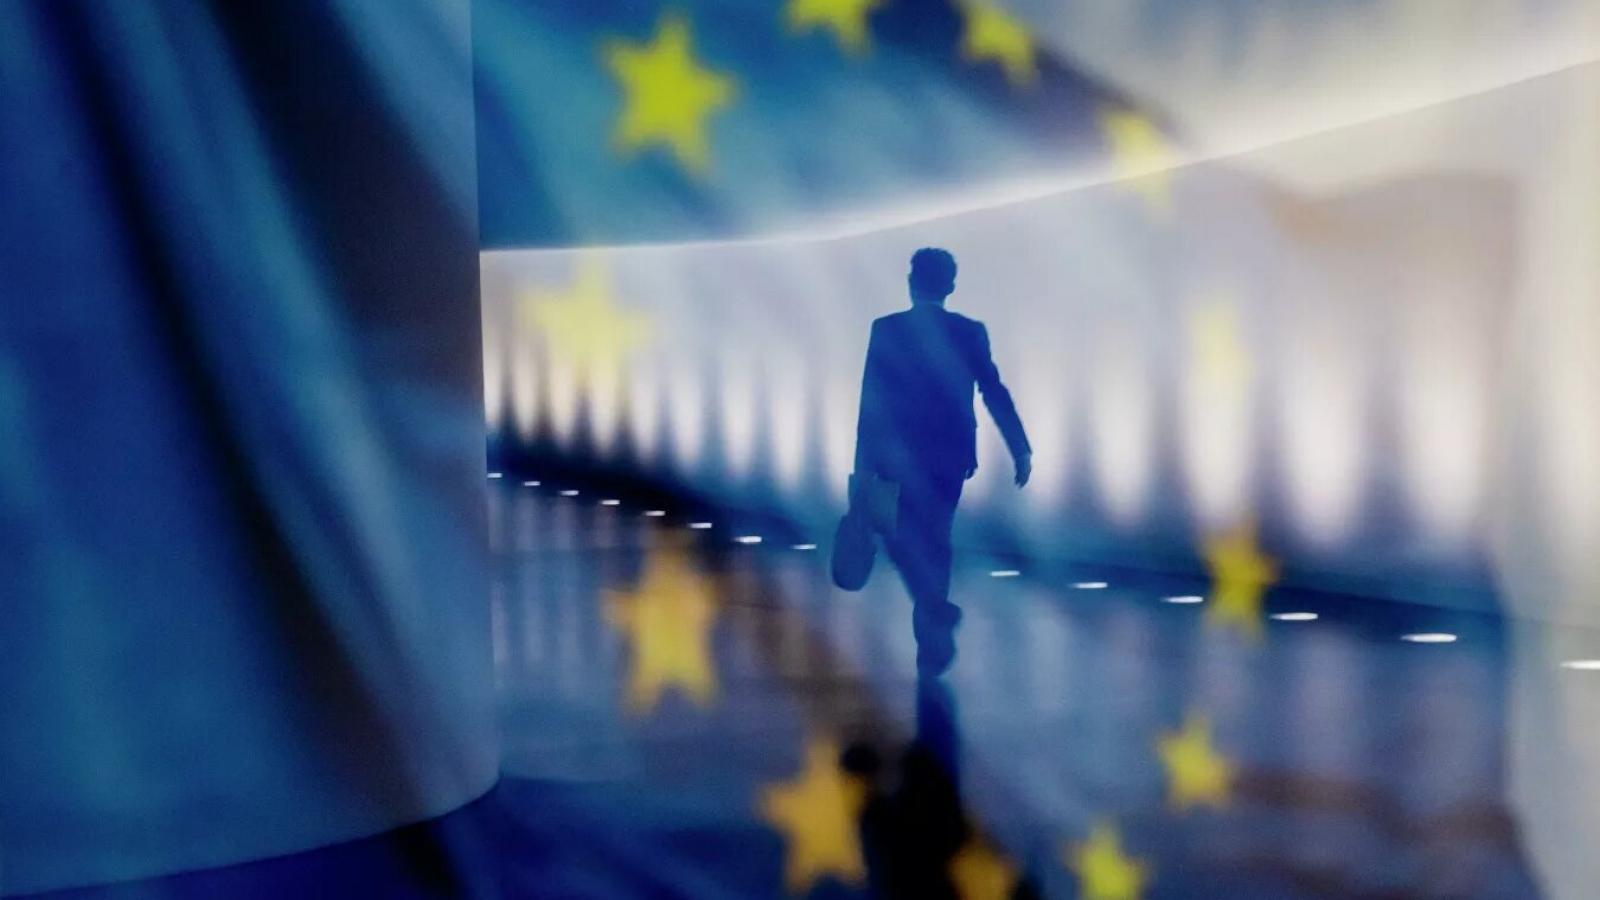 """EU chuẩn bị một báo cáo về quan hệ với Nga giữa lúc quan hệ 2 bên """"nguội lạnh"""""""